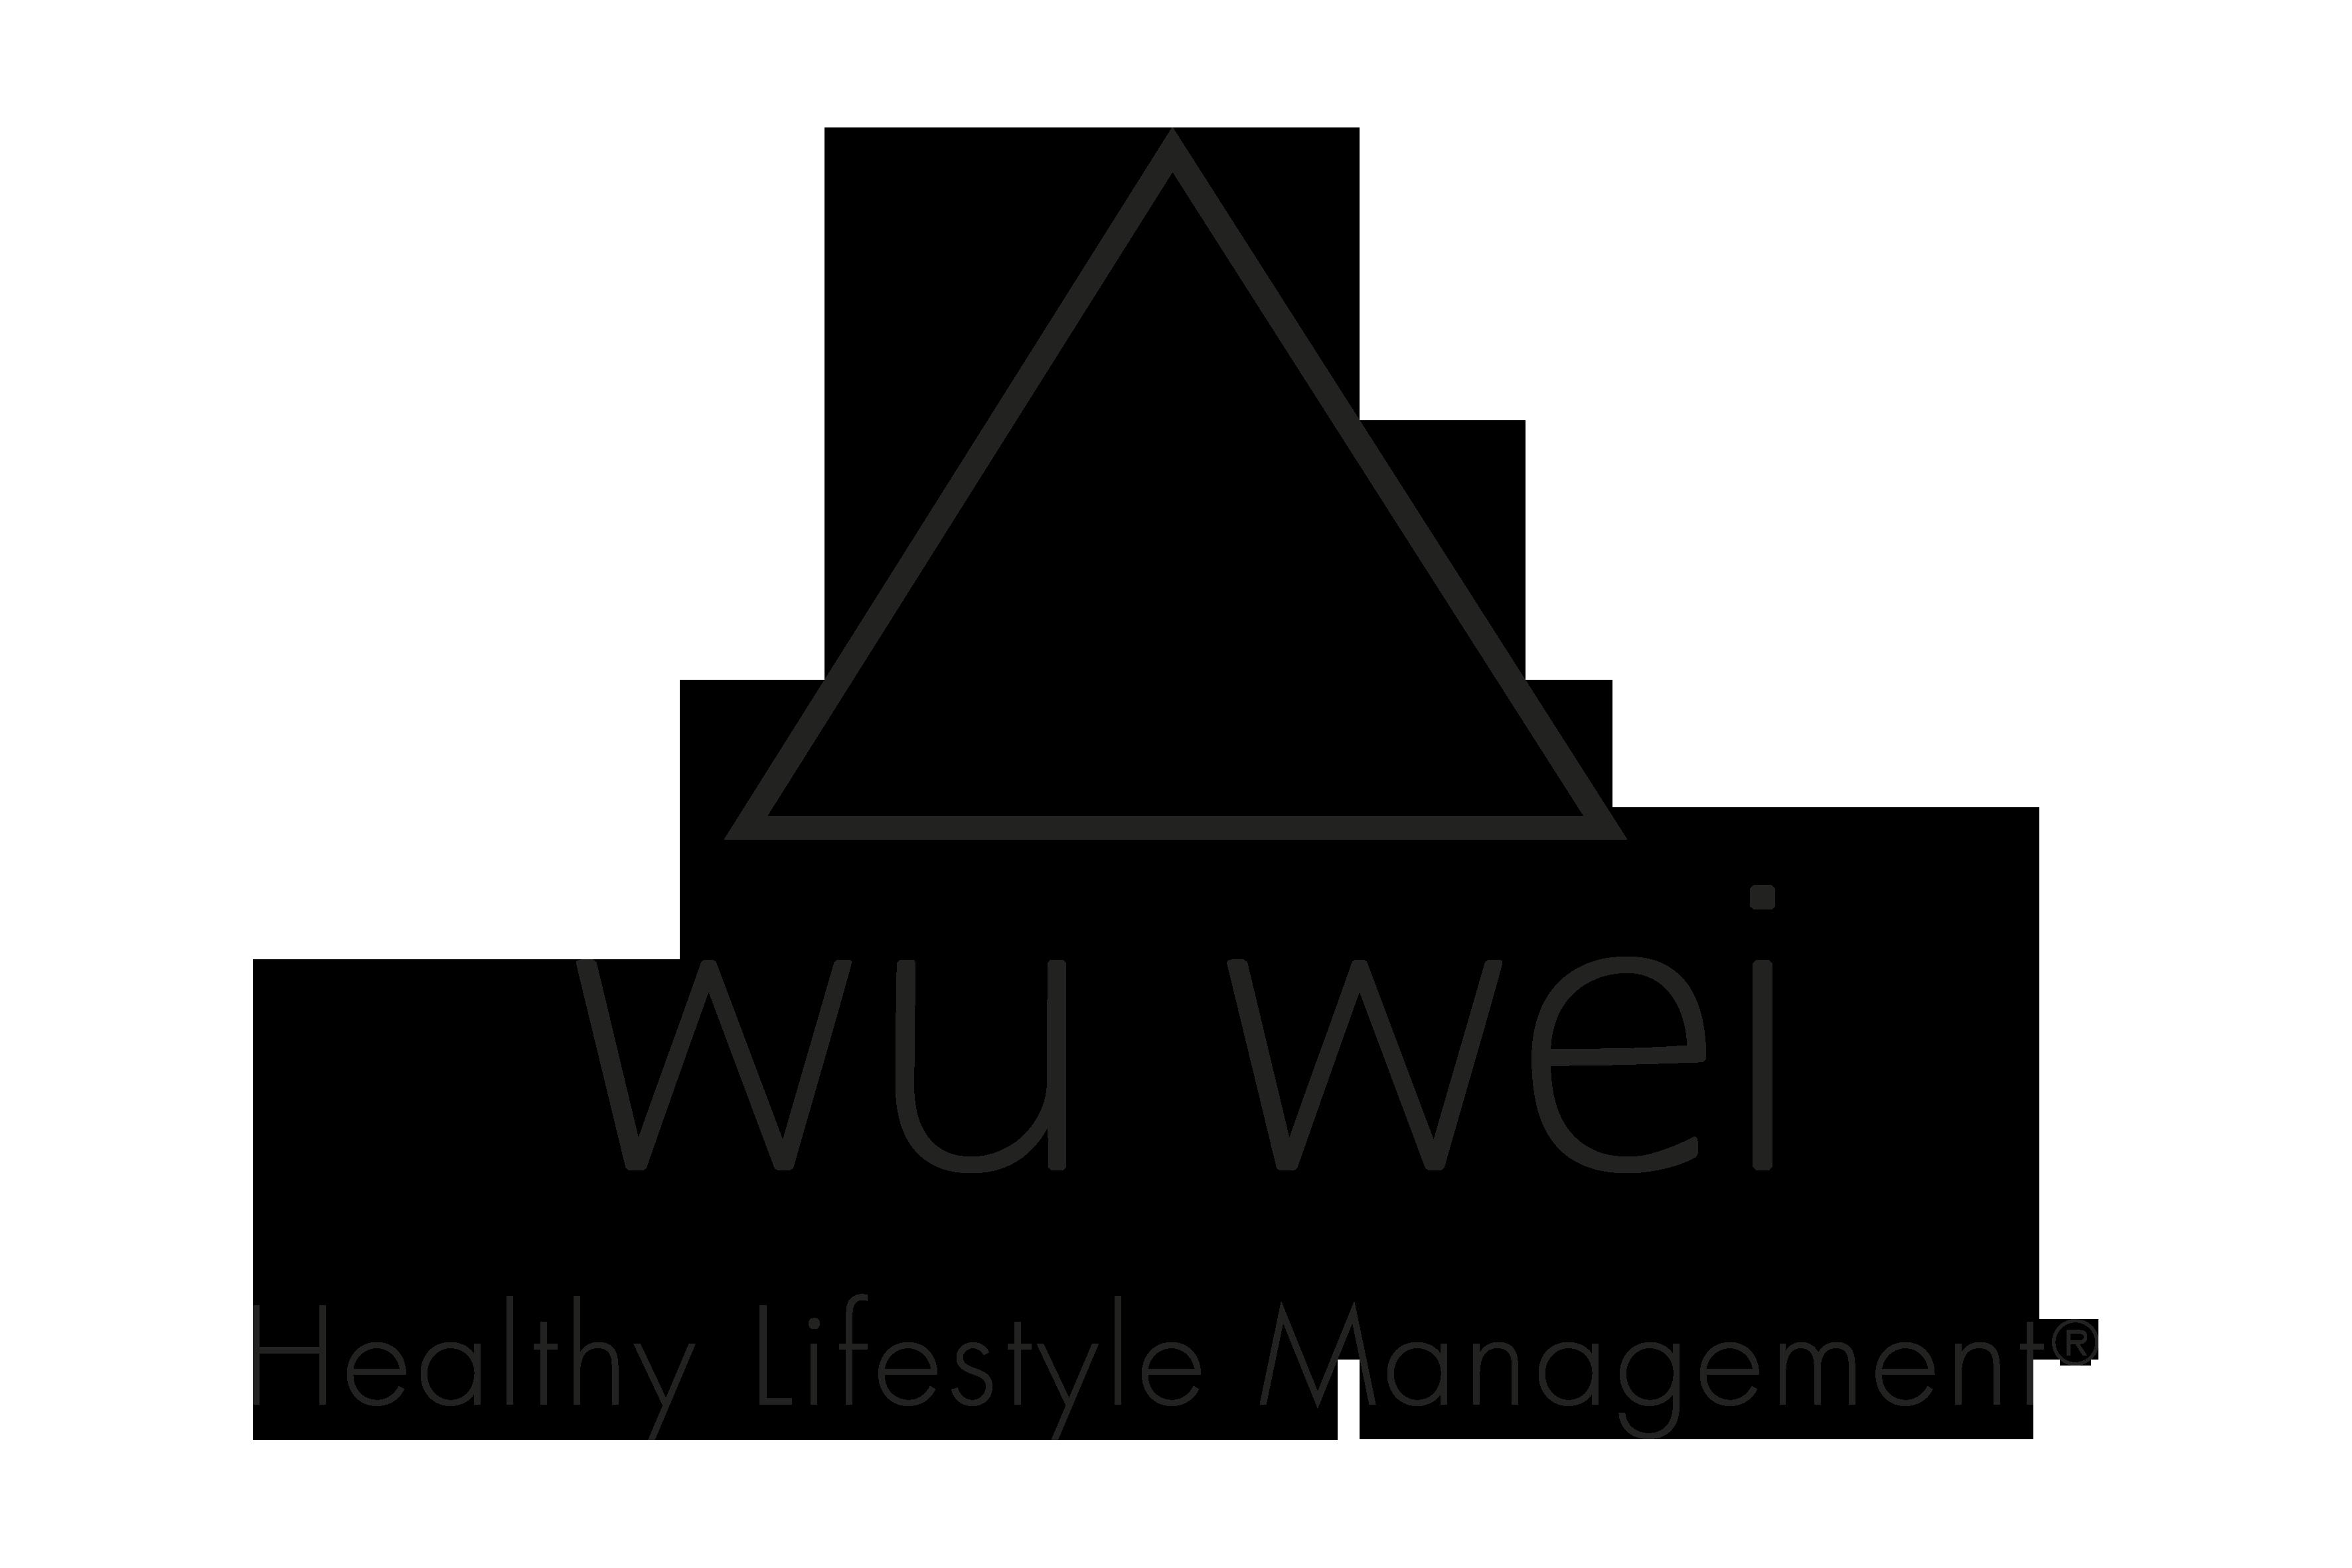 logo-Wu-wei